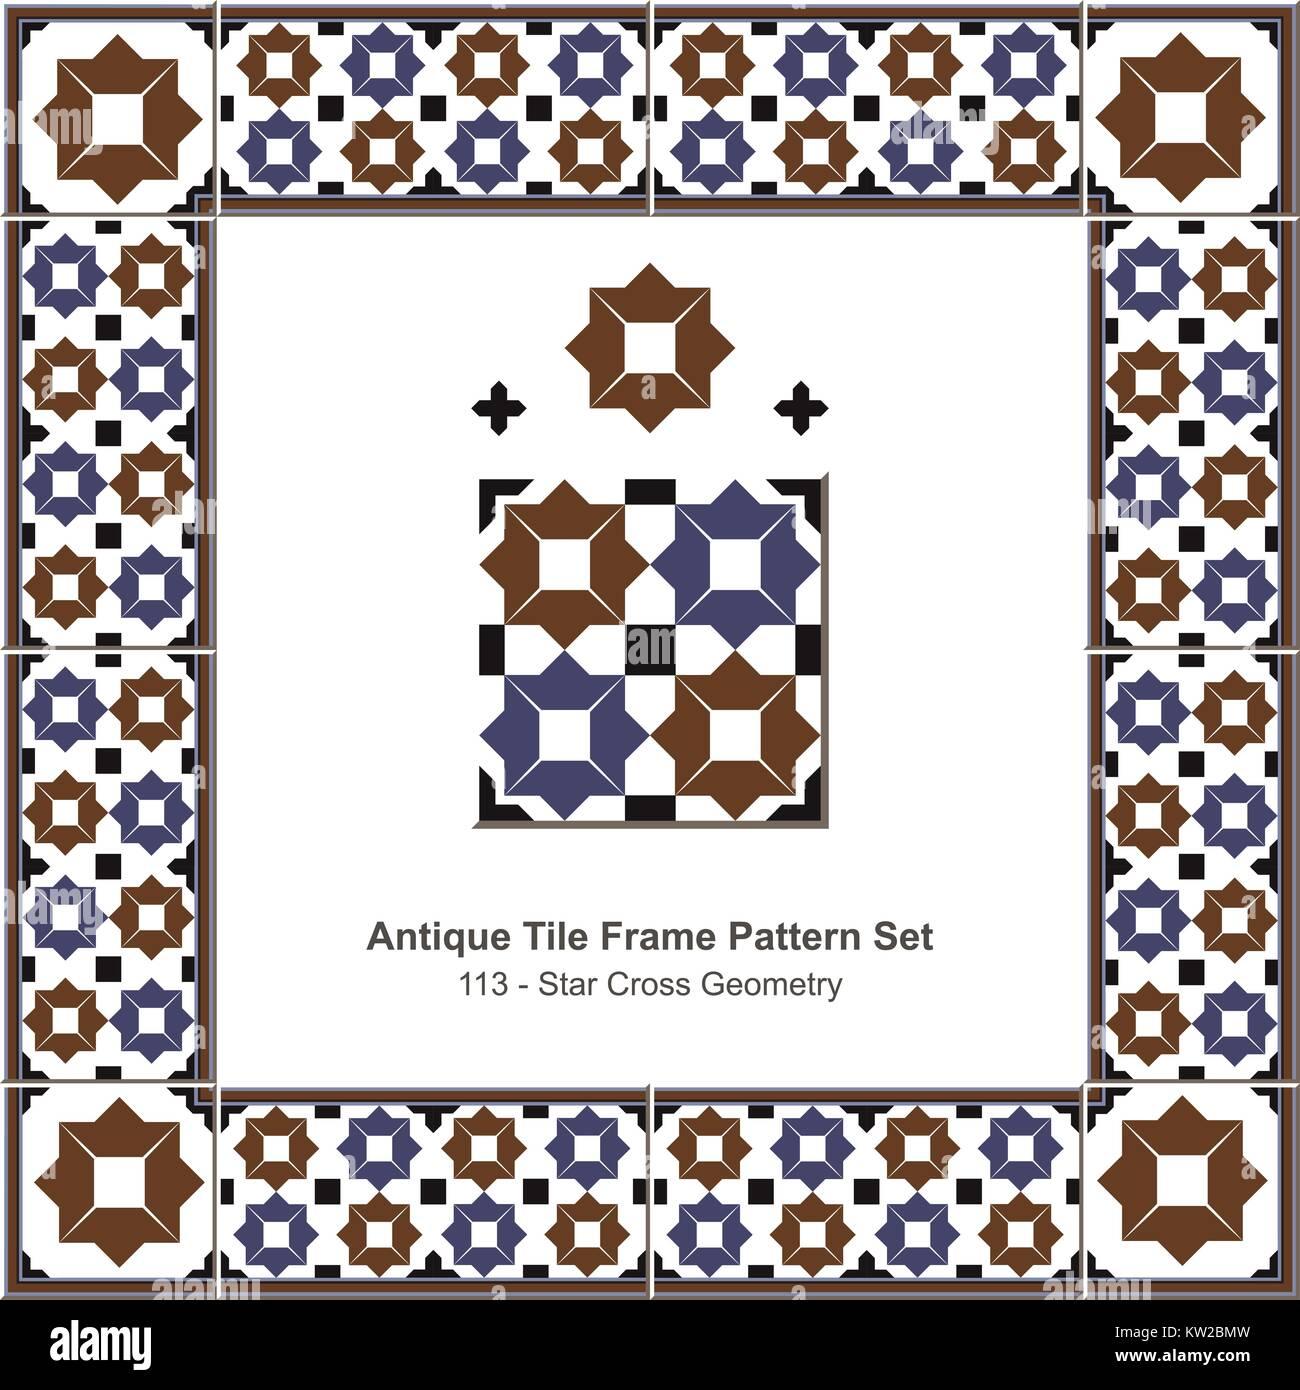 Alte Fliesen Frame Pattern Islamischen Braun Blau Star Cross Geometrie